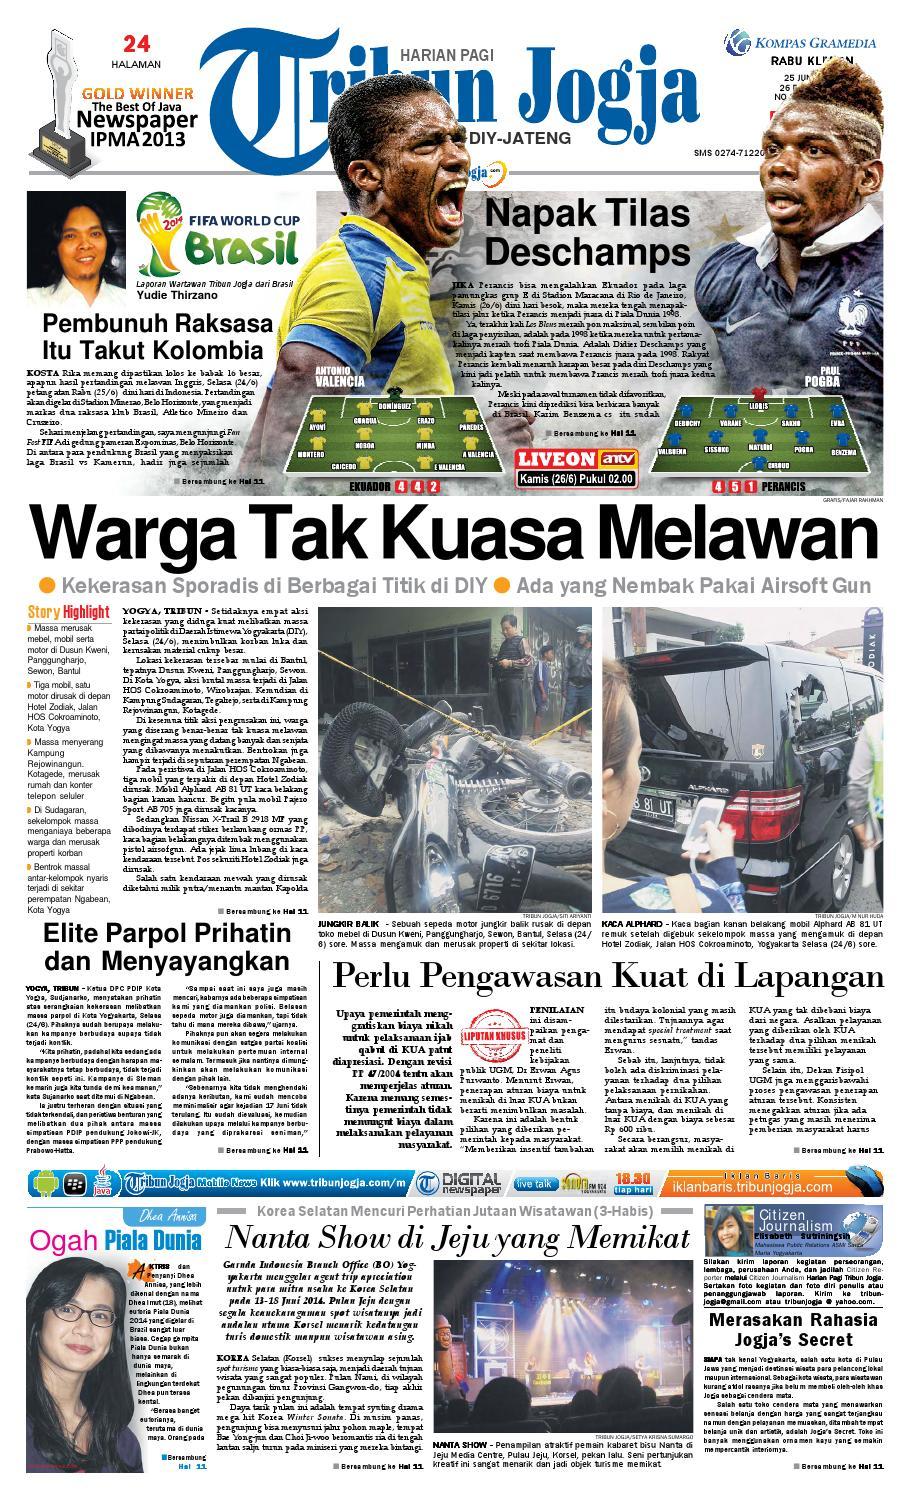 Tribunjogja 25 06 2014 By Tribun Jogja Issuu Produk Ukm Bumn Tenun Pagatan Kemeja Pria Biru Kapal